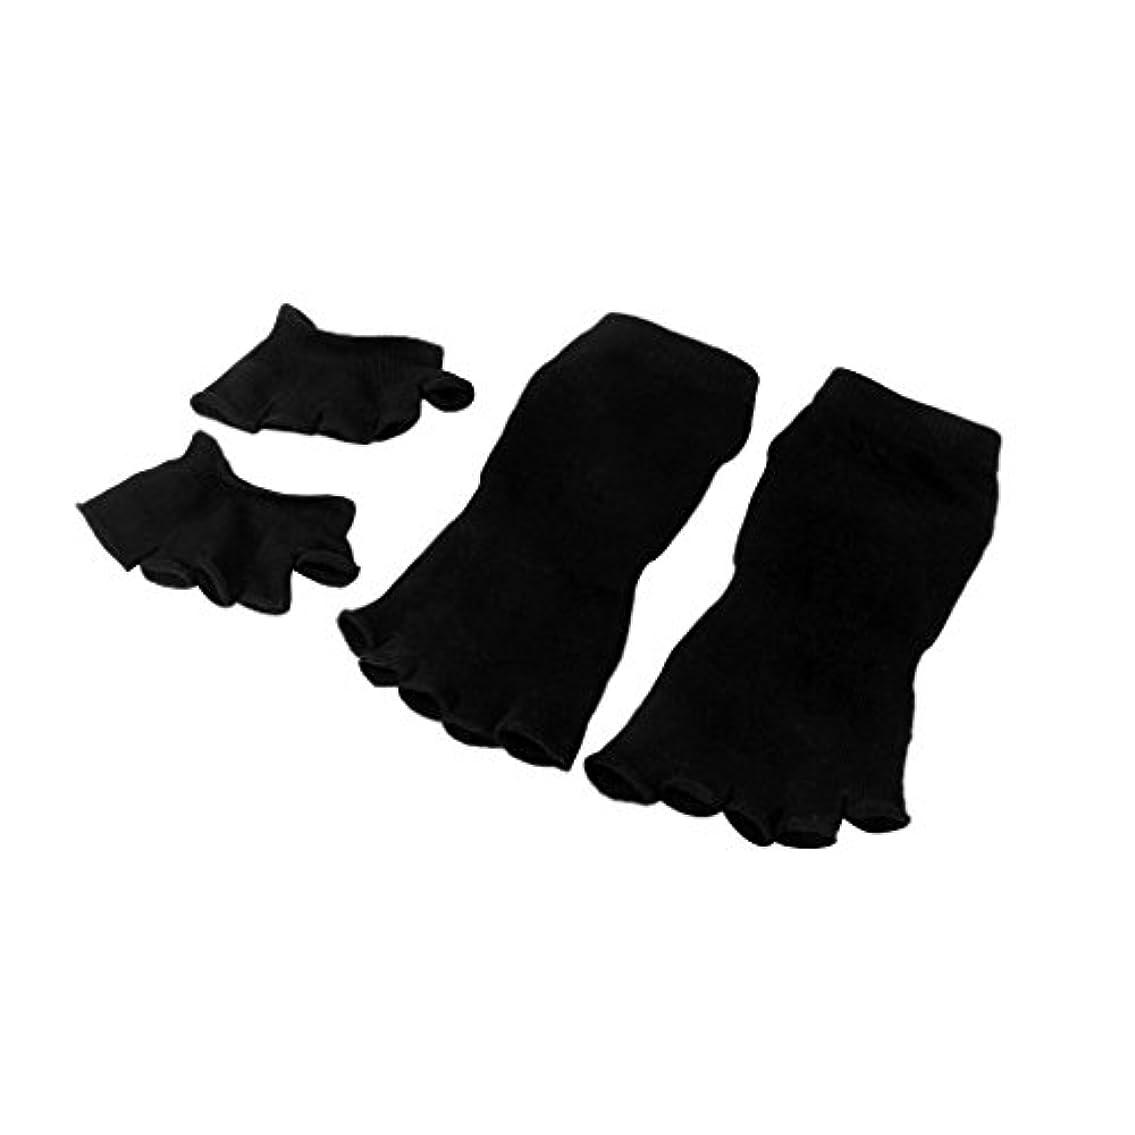 スズメバチ推進以下【Footful】ソックス 靴下 5本指つま先ソックス+爽快指の間カバー 4枚組 黒